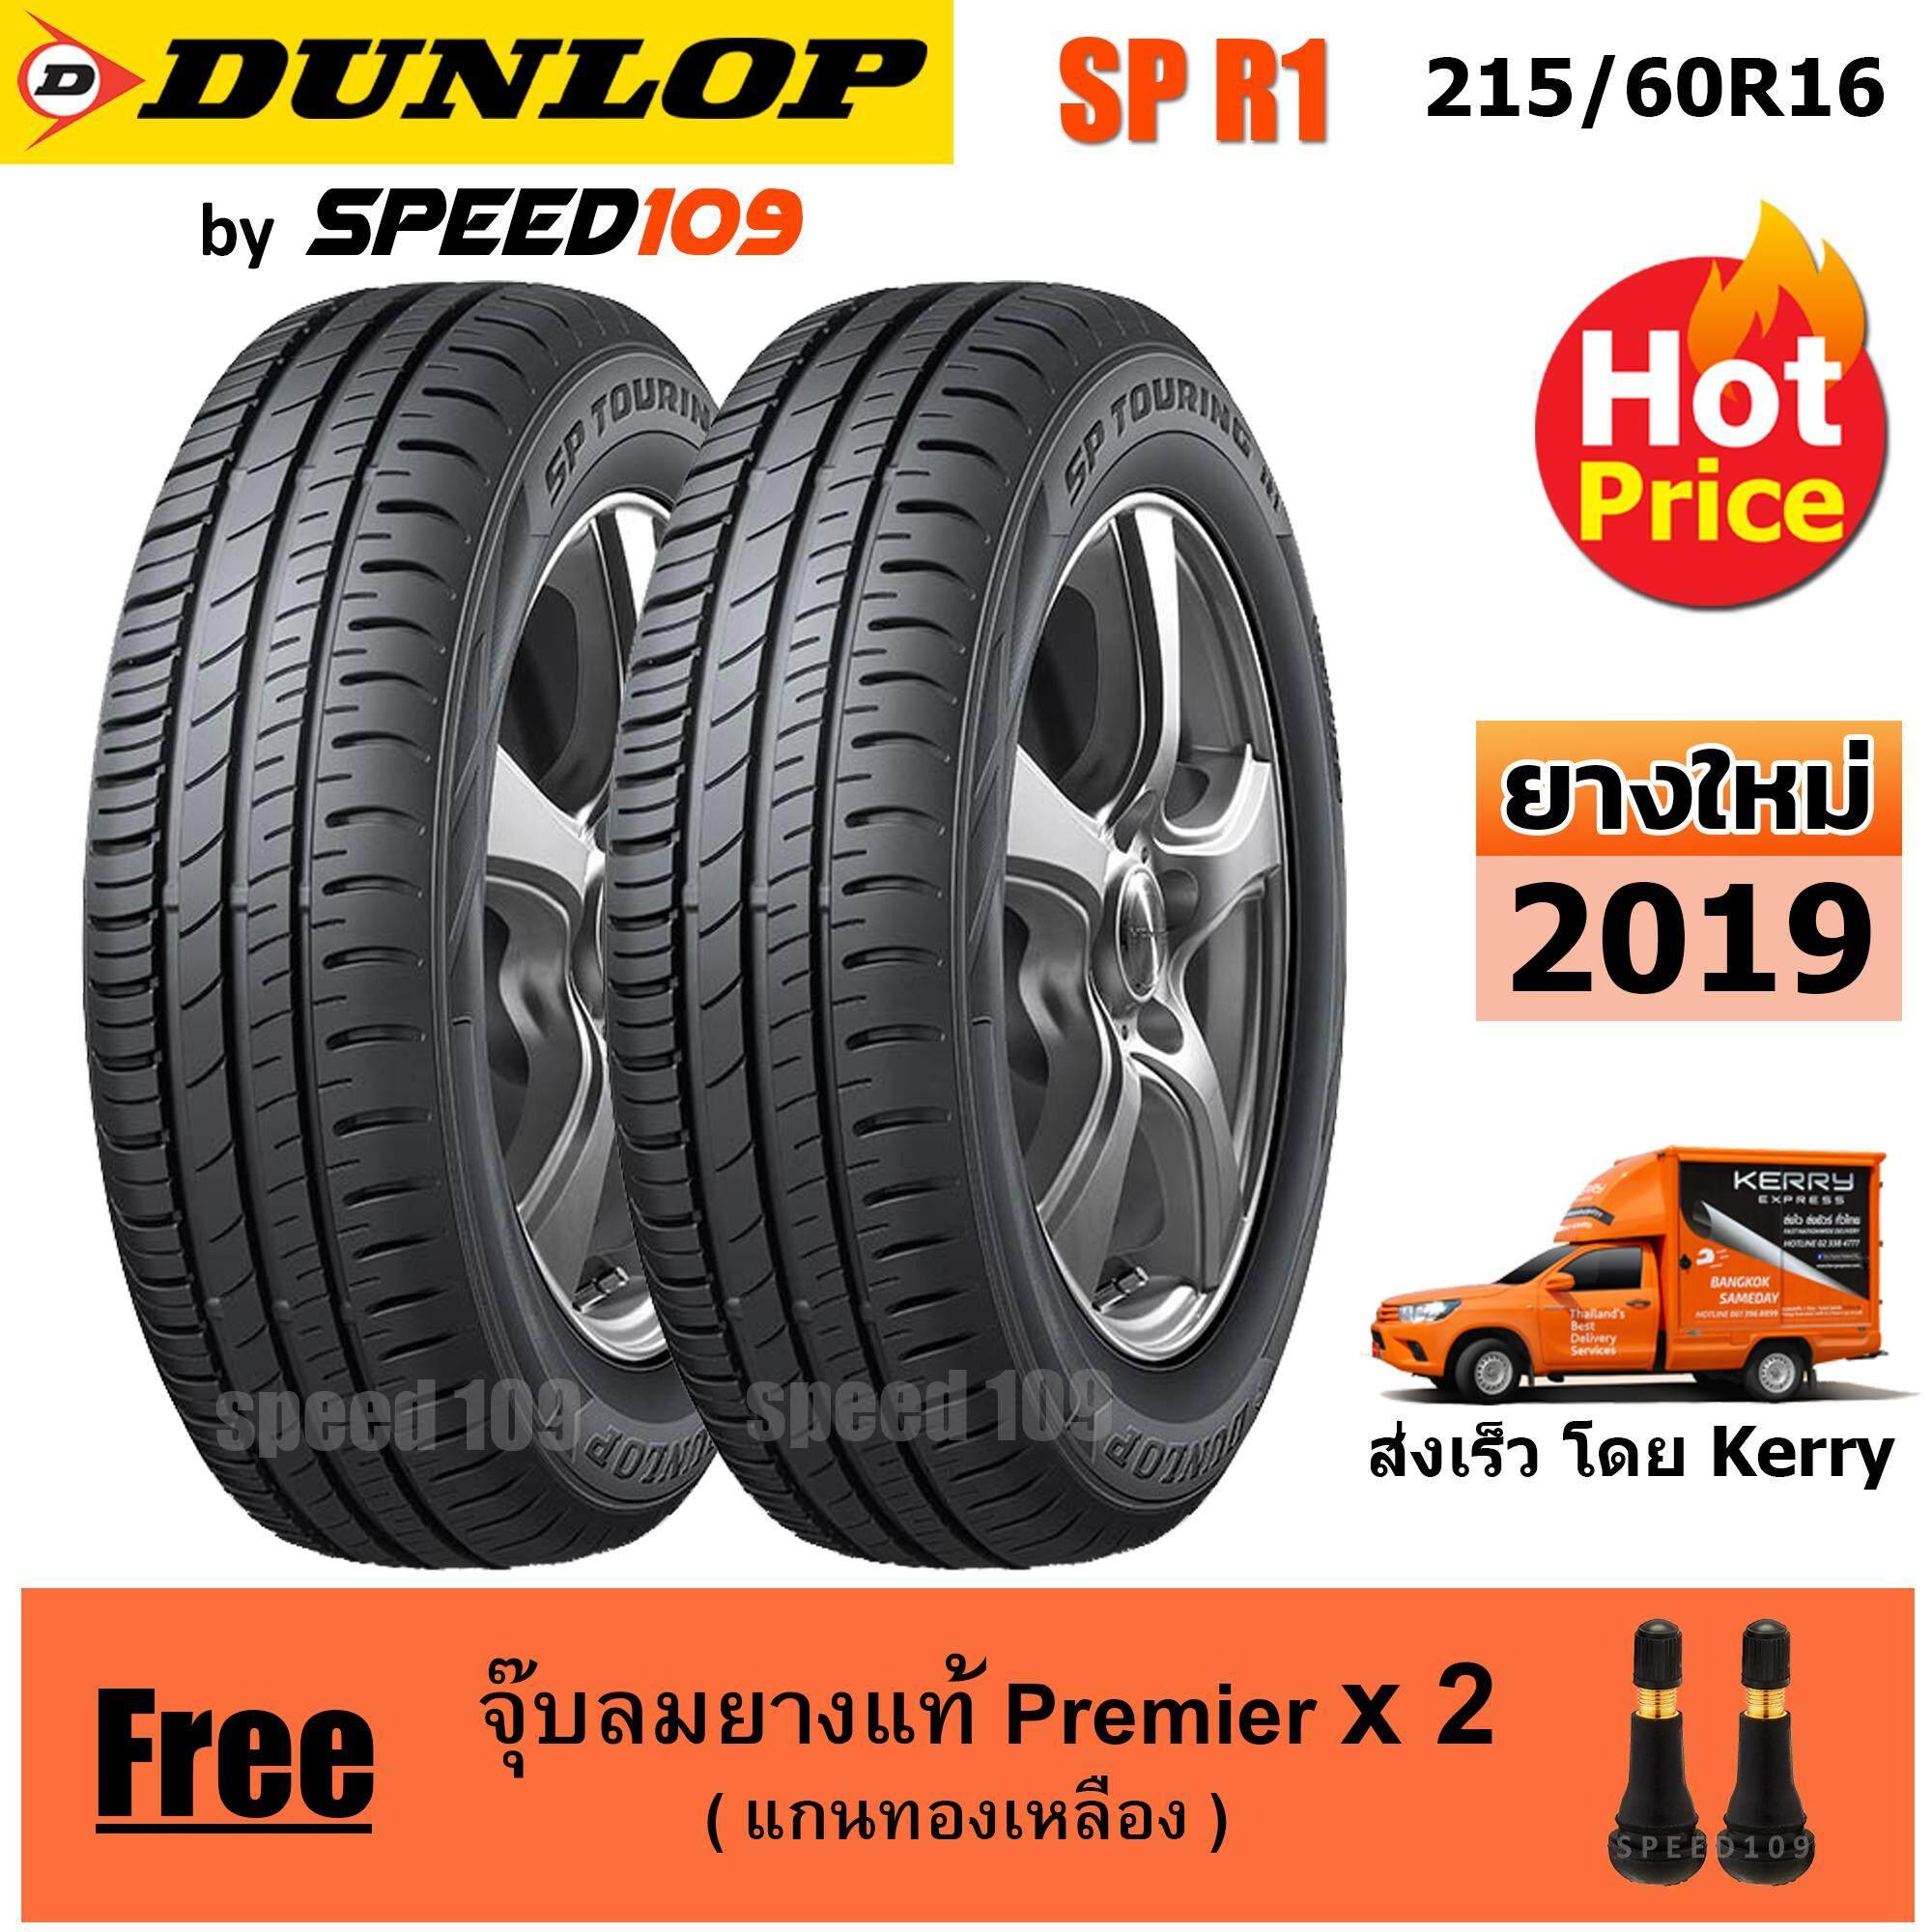 ประกันภัย รถยนต์ 3 พลัส ราคา ถูก สุราษฎร์ธานี DUNLOP ยางรถยนต์ ขอบ 16 ขนาด 215/60R16 รุ่น SP TOURING R1 - 2 เส้น (ปี 2019)